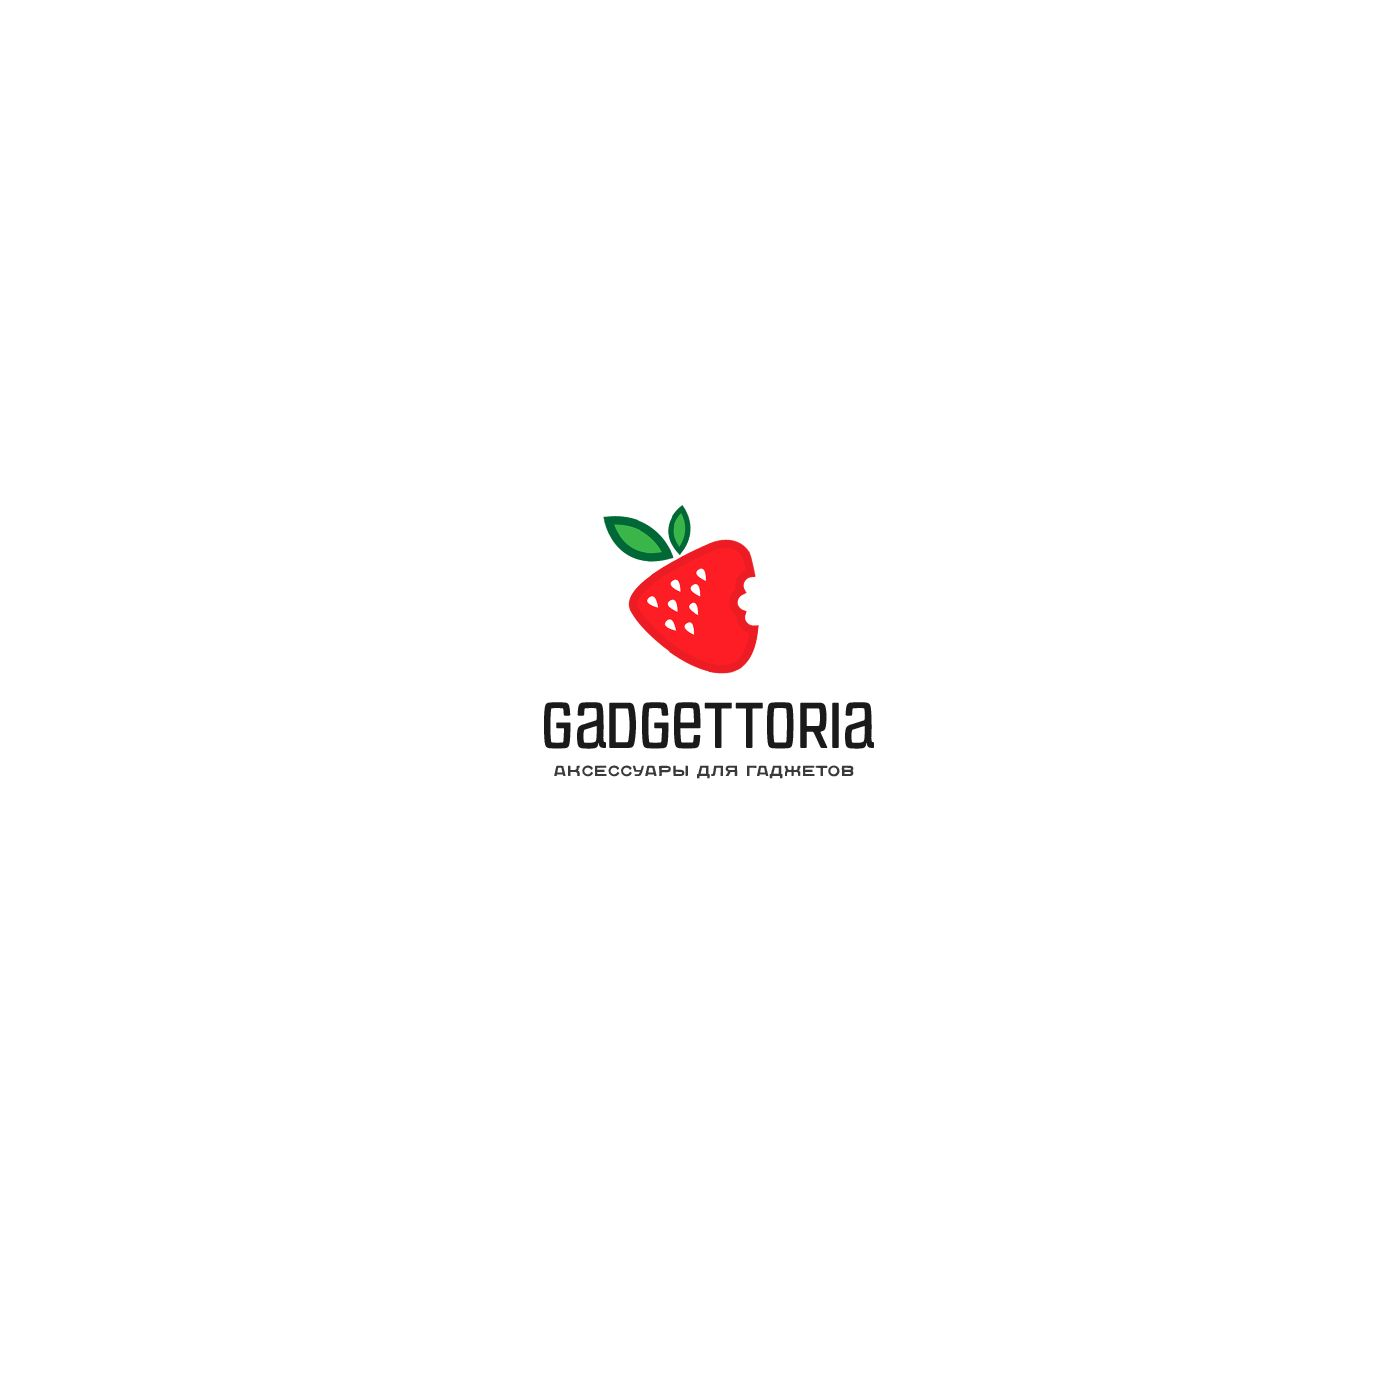 Логотип магазина аксессуаров для гаджетов - дизайнер benks